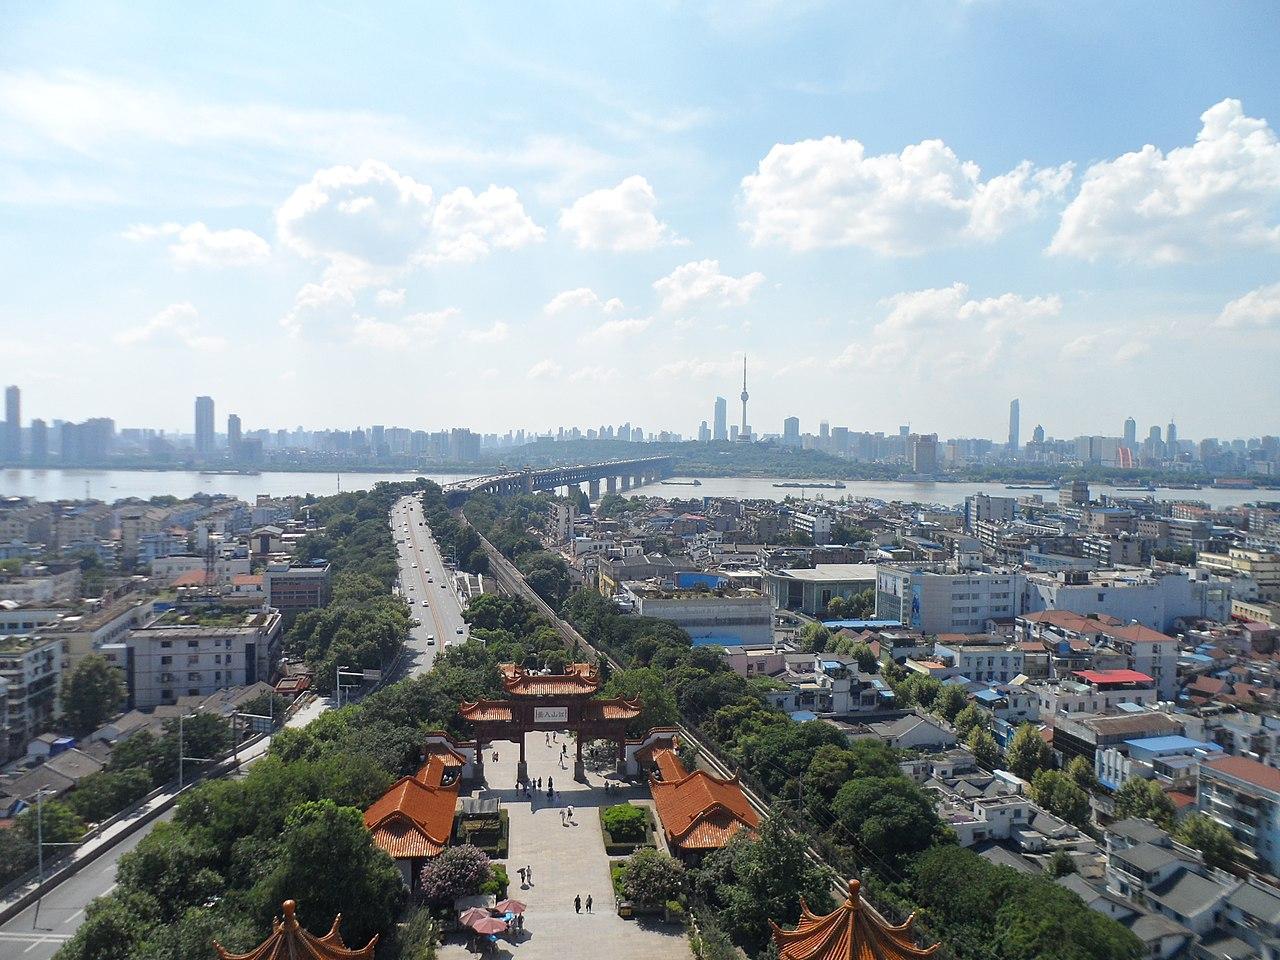 武漢黃鶴樓俯瞰(圖/螺釘/CC BY-SA 4.0)